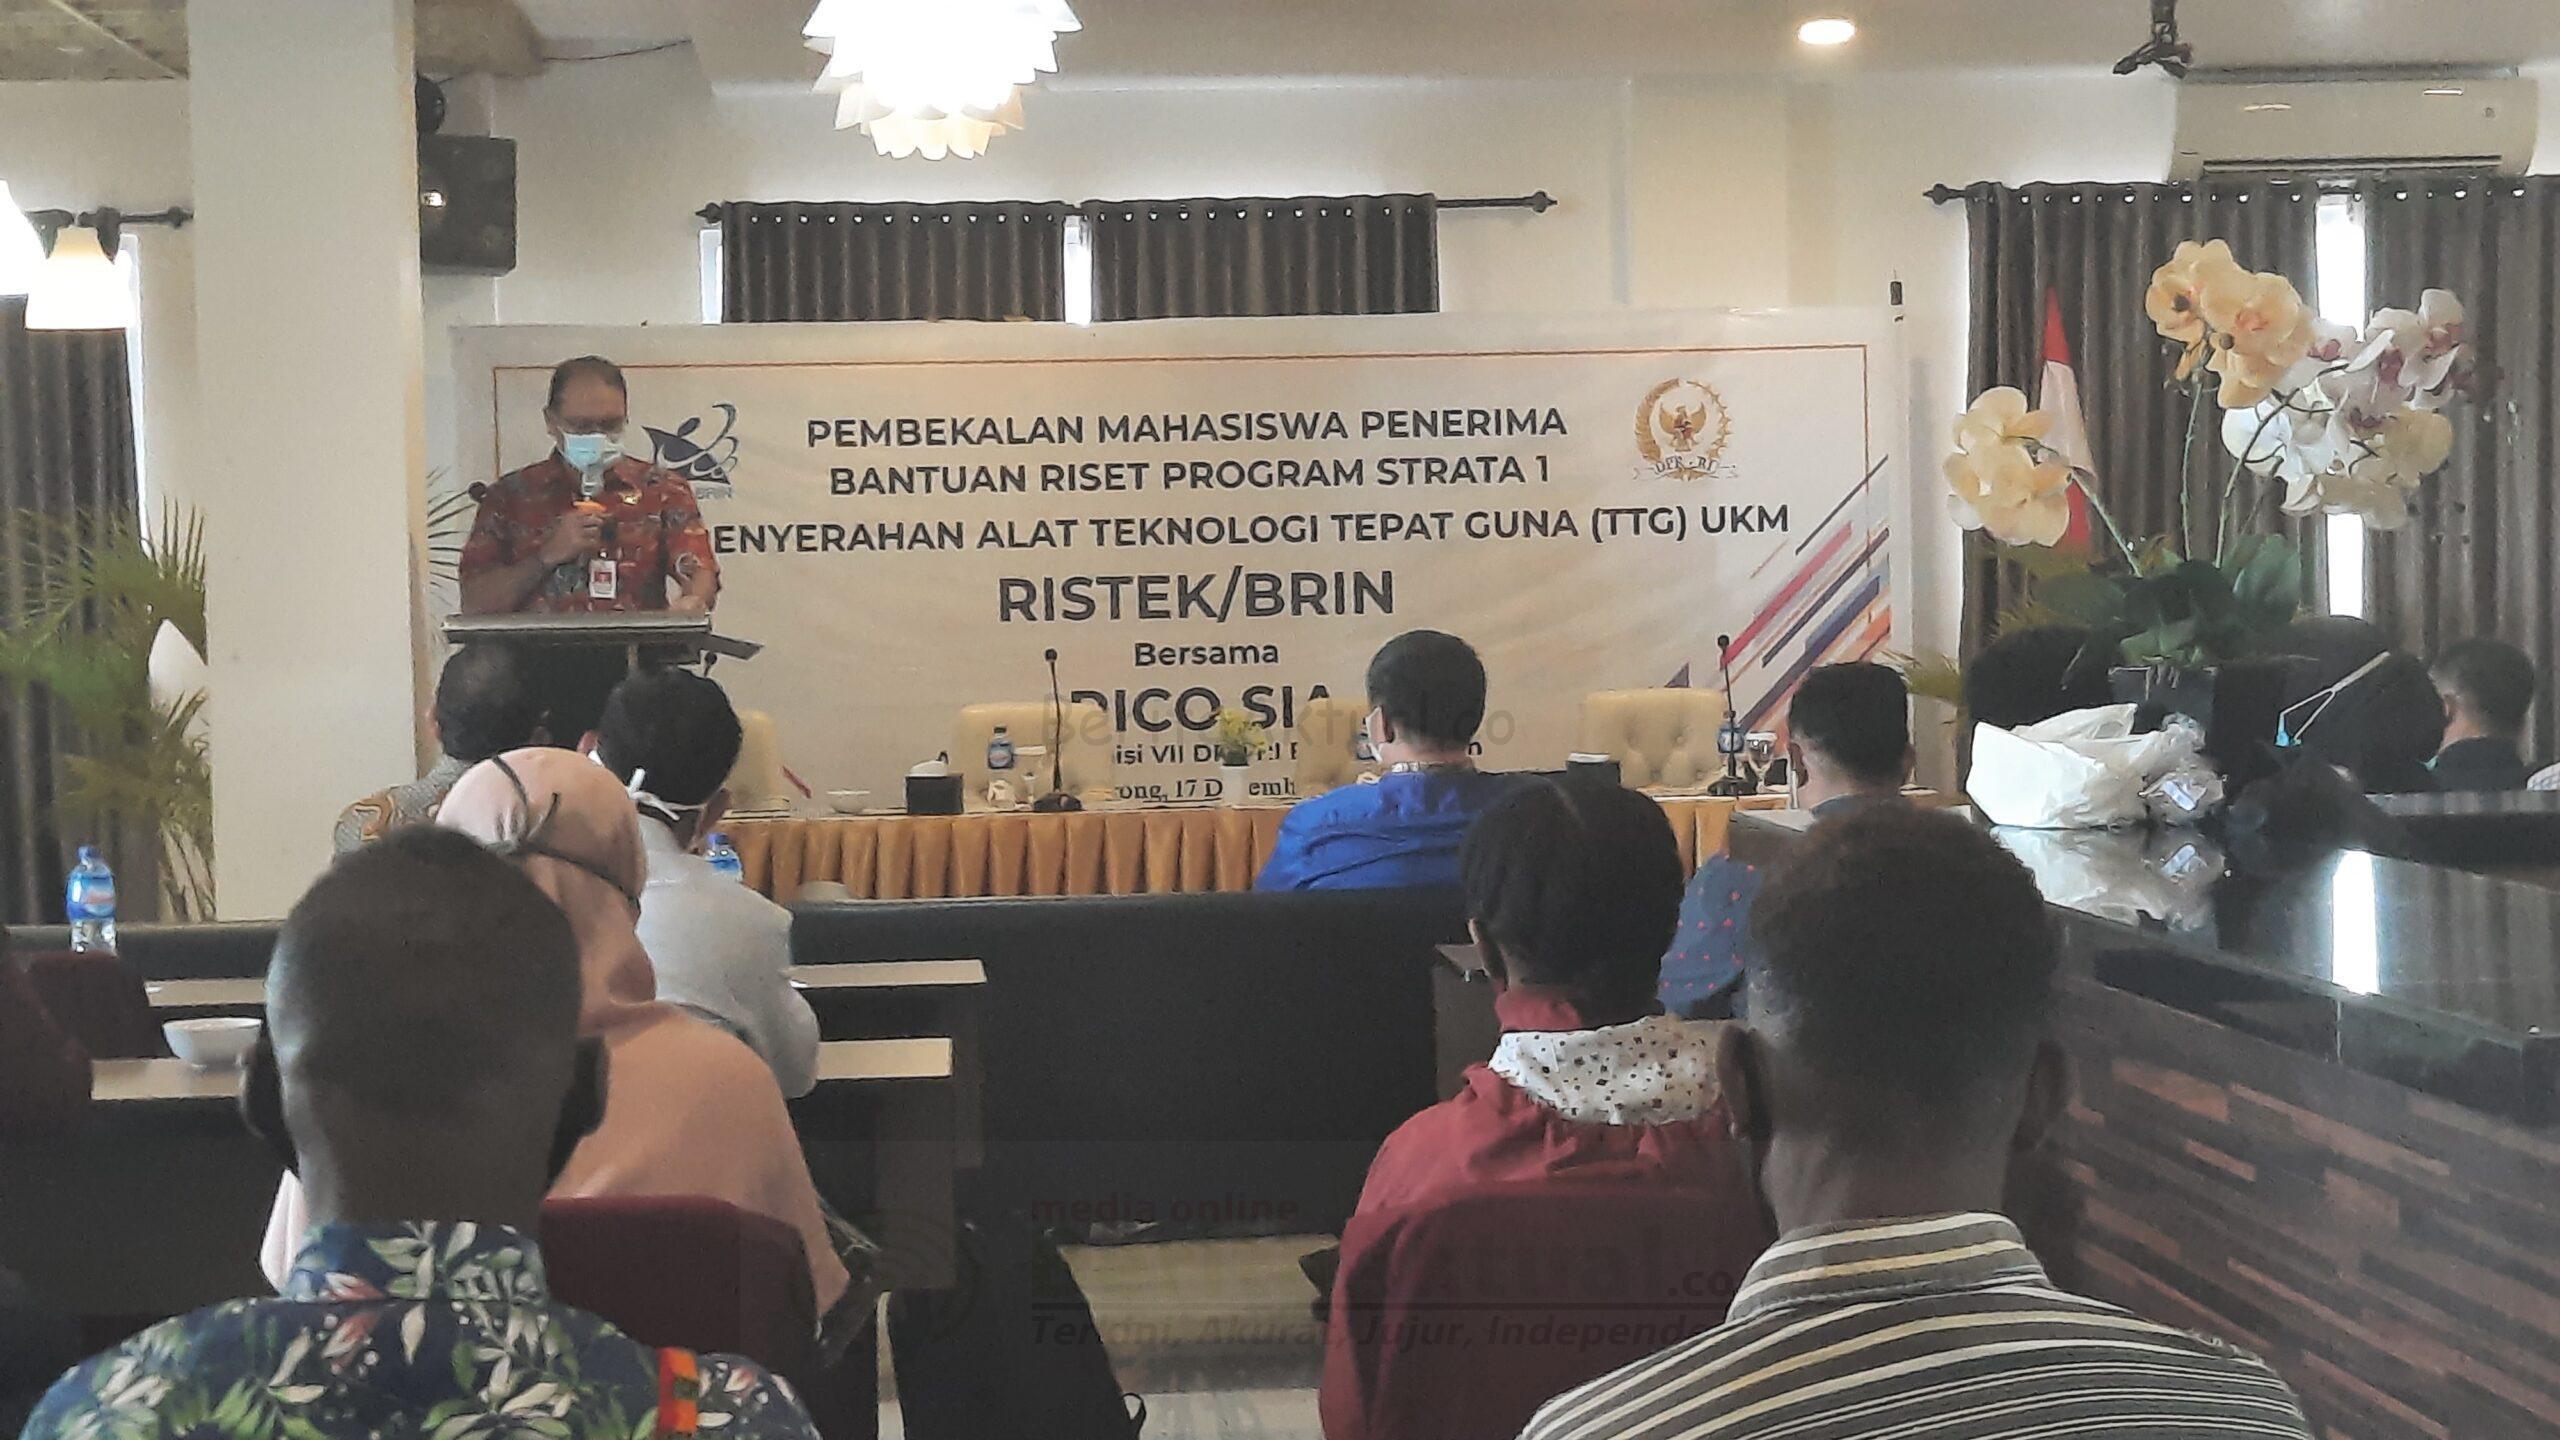 13 Mahasiswa Dan Pelaku UKM Sorong - Manokwari Dapat Bantuan Dari Kemenristek Atas Usulan Rico Sia 3 20201217 103454 1 scaled